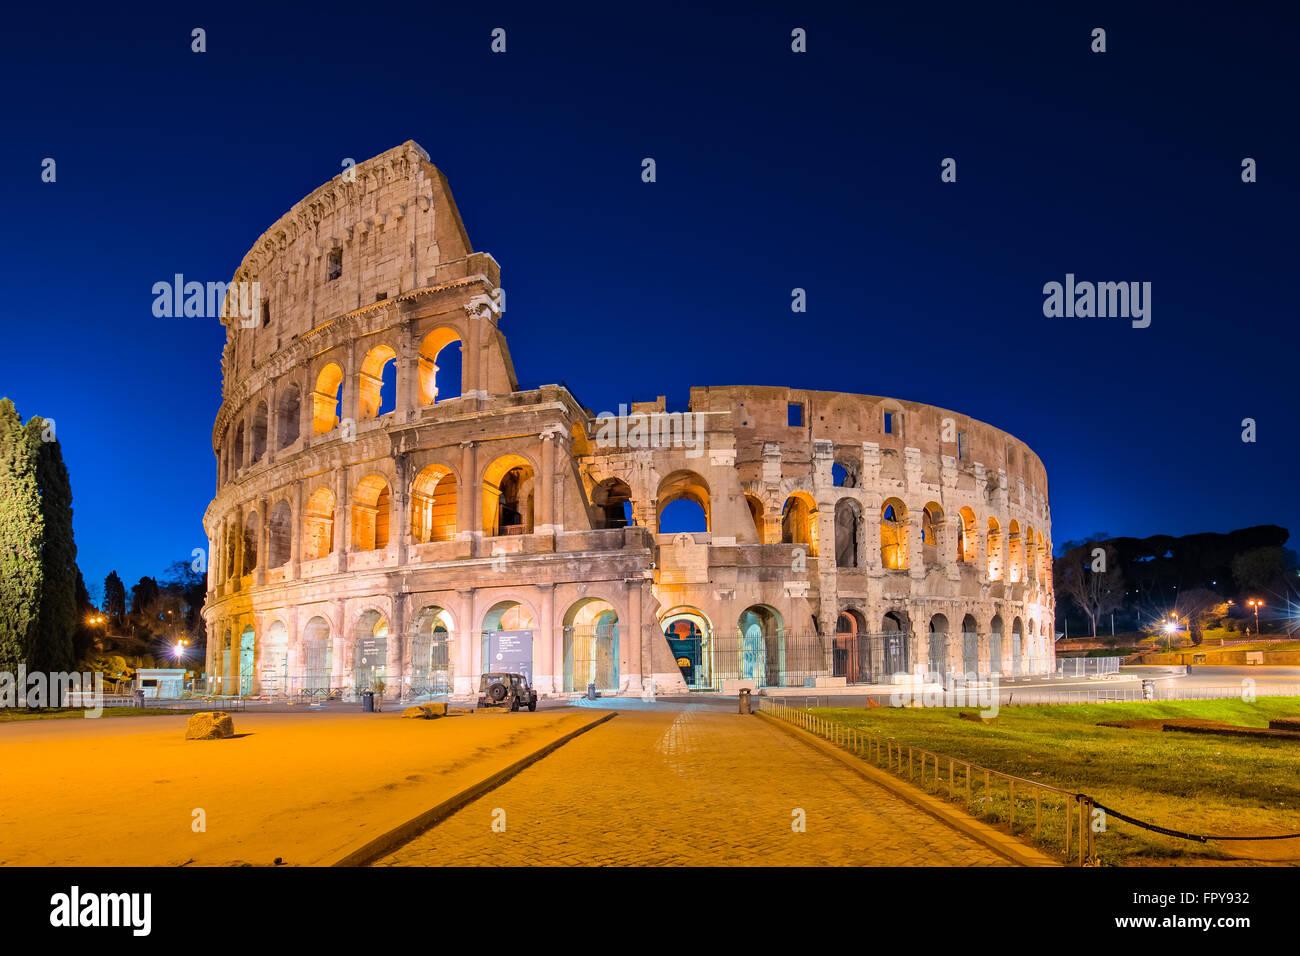 Colisée dans une nuit d'été à Rome, Italie. Photo Stock